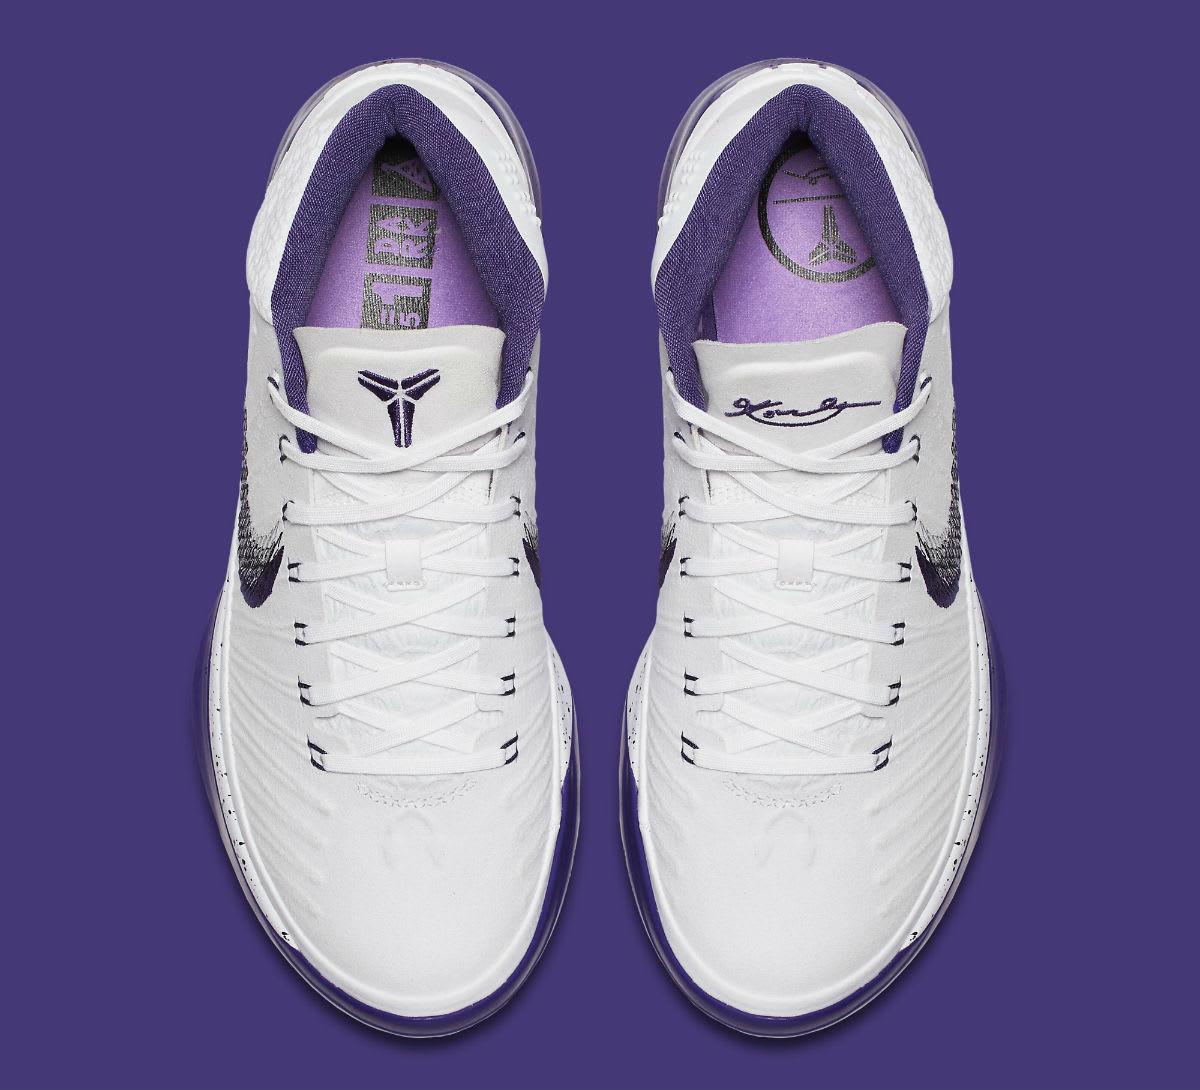 63e541669ca1 ... Nike Kobe A.D. Mid Baseline Inline Release Date Top 922482-100 ...